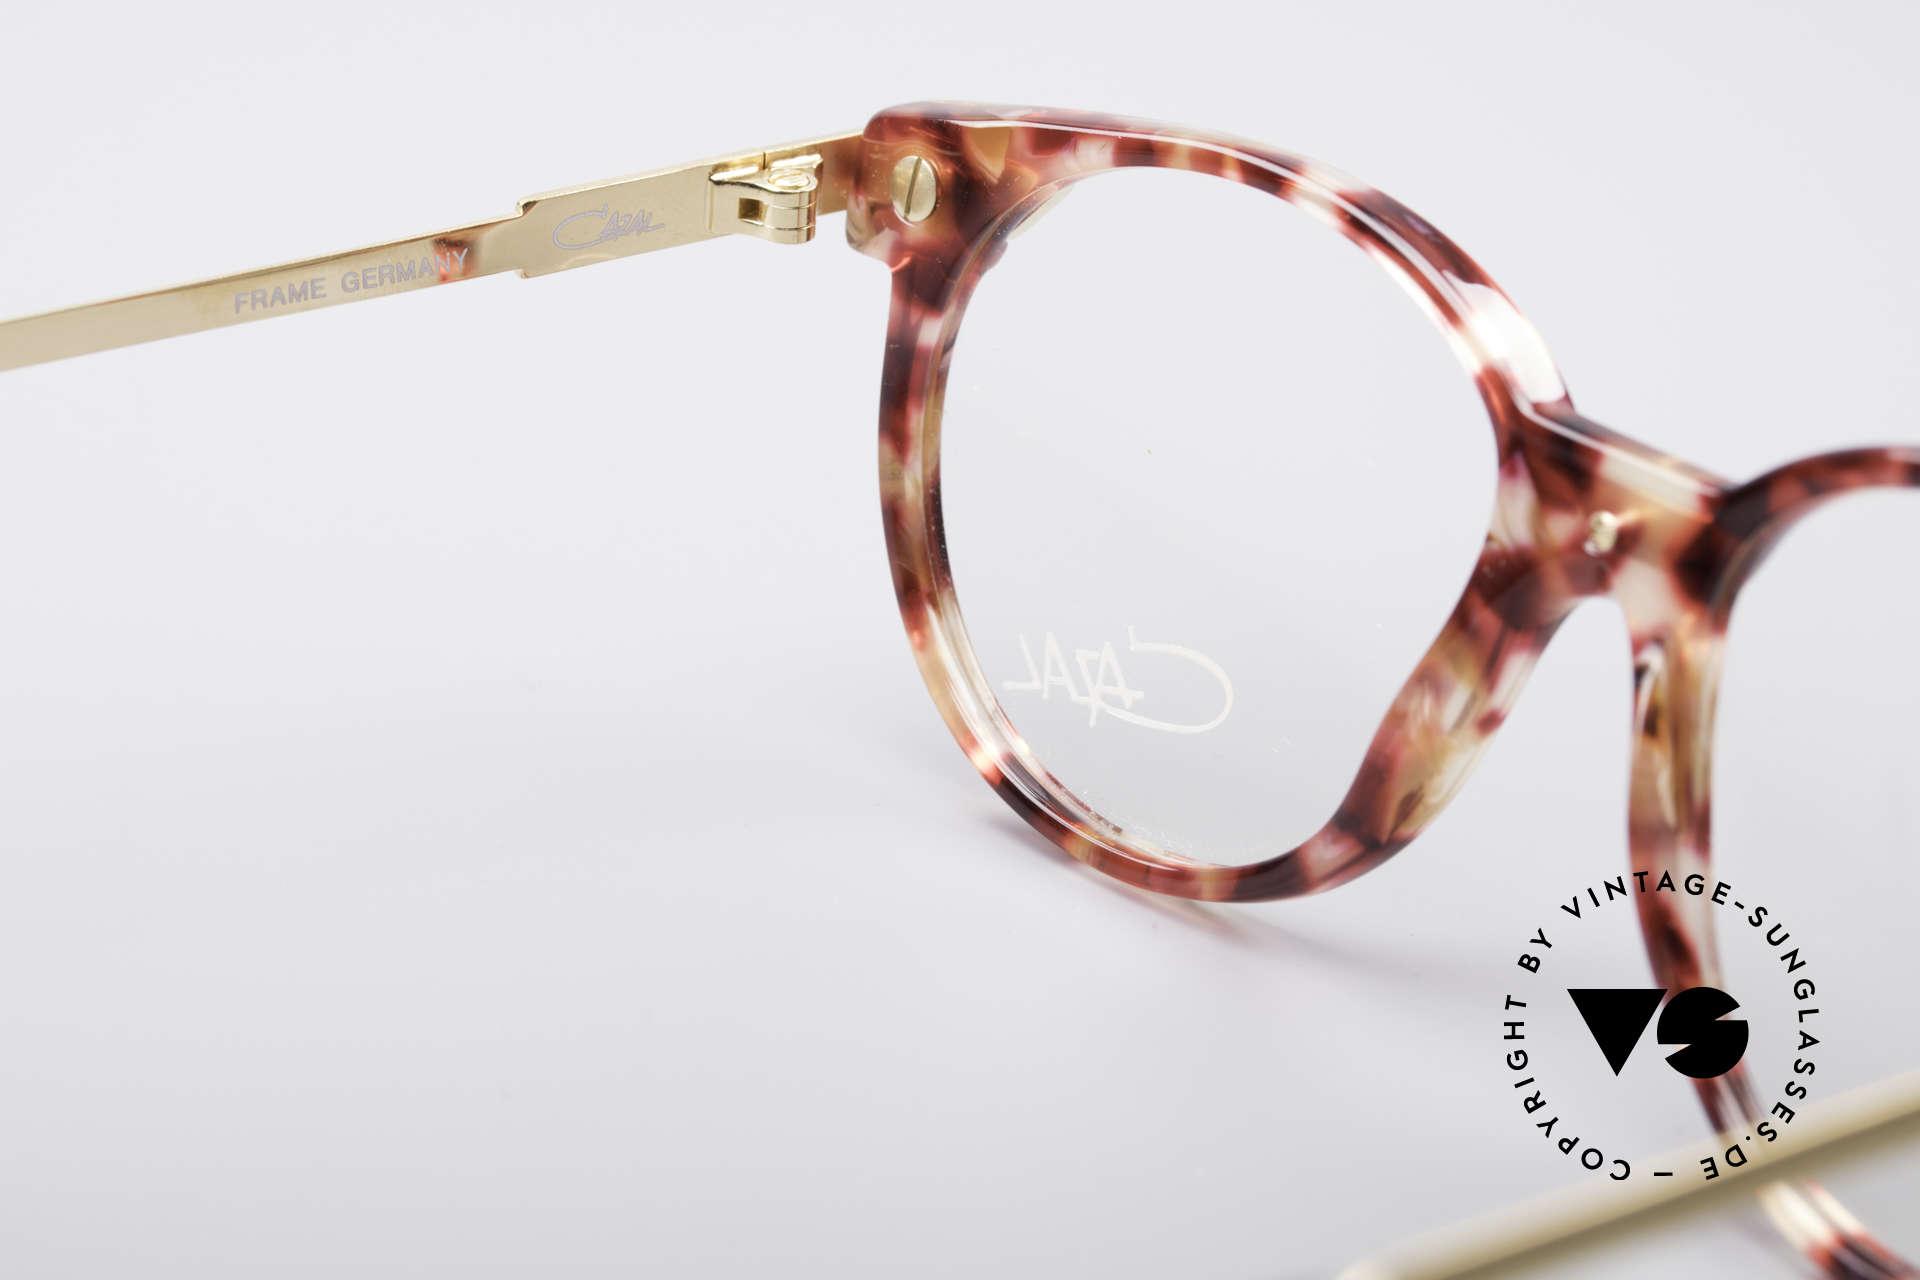 Cazal 338 Kleine Runde Vintage Brille, CAZAL Demogläser können beliebig getauscht werden, Passend für Herren und Damen